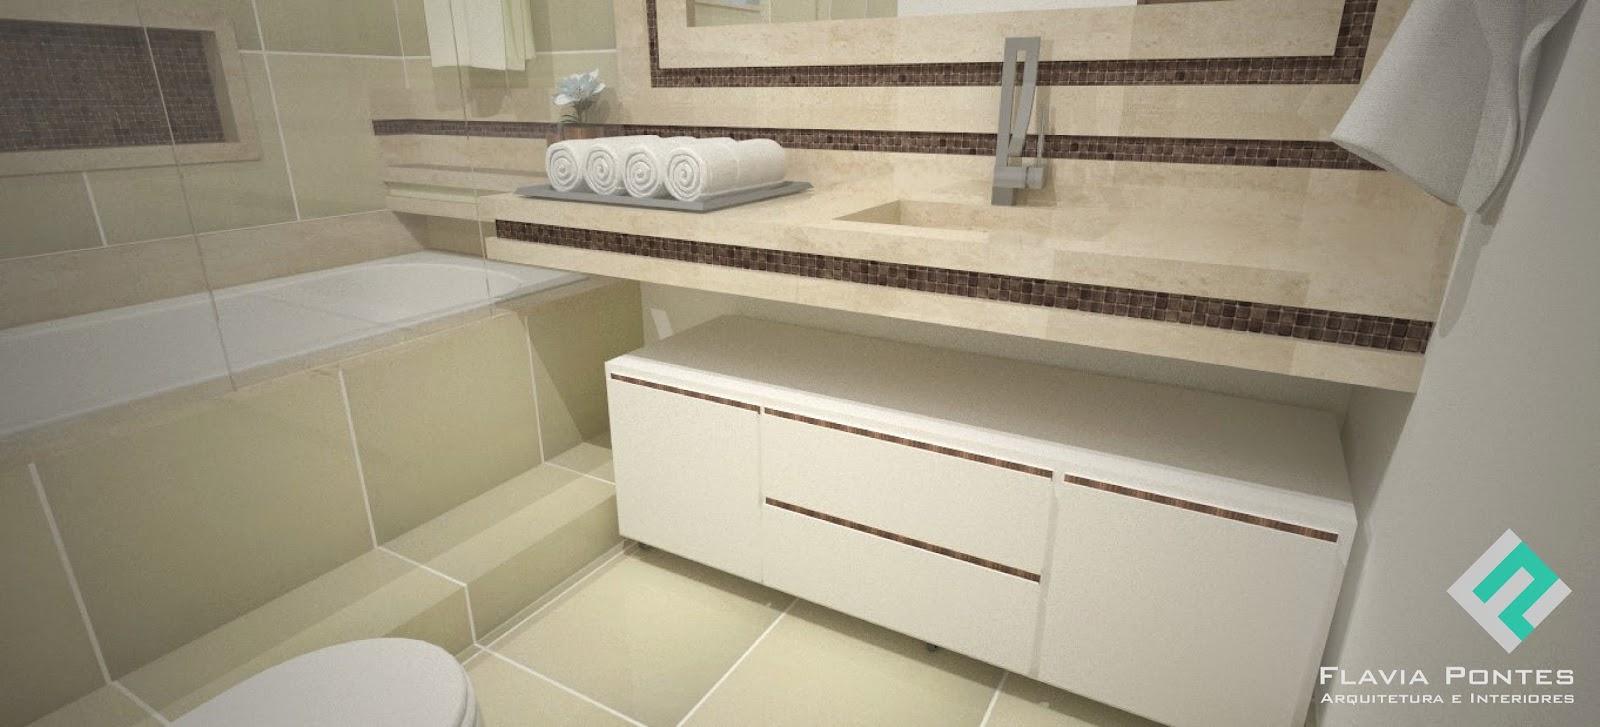 Flavia Pontes Arquitetura -> Quanto Custa Um Banheiro Com Banheira